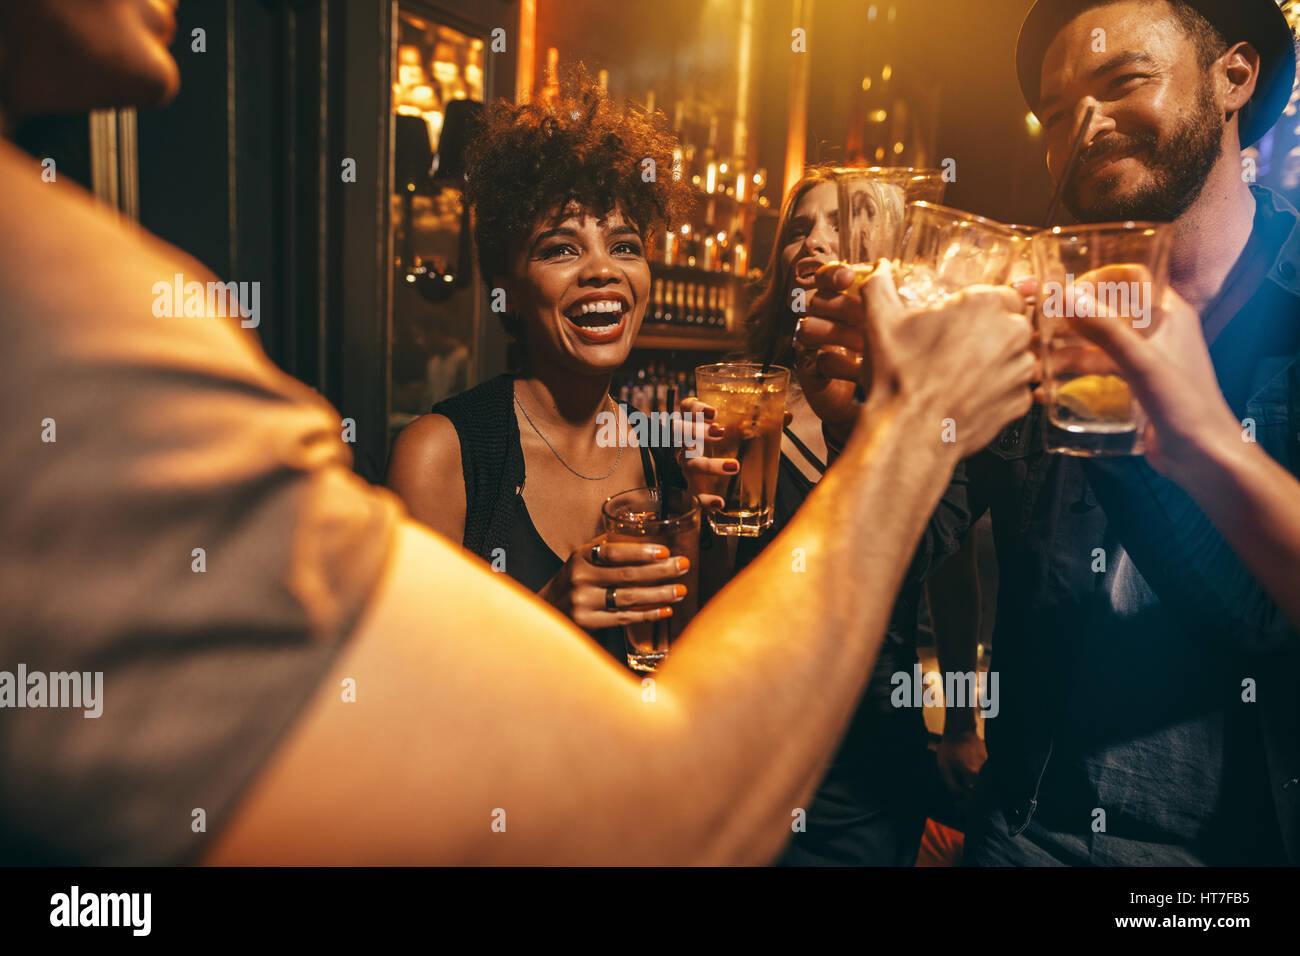 Grupo de jóvenes tostado de bebidas en la discoteca. Hombres y mujeres jóvenes divirtiéndose en el Imagen De Stock